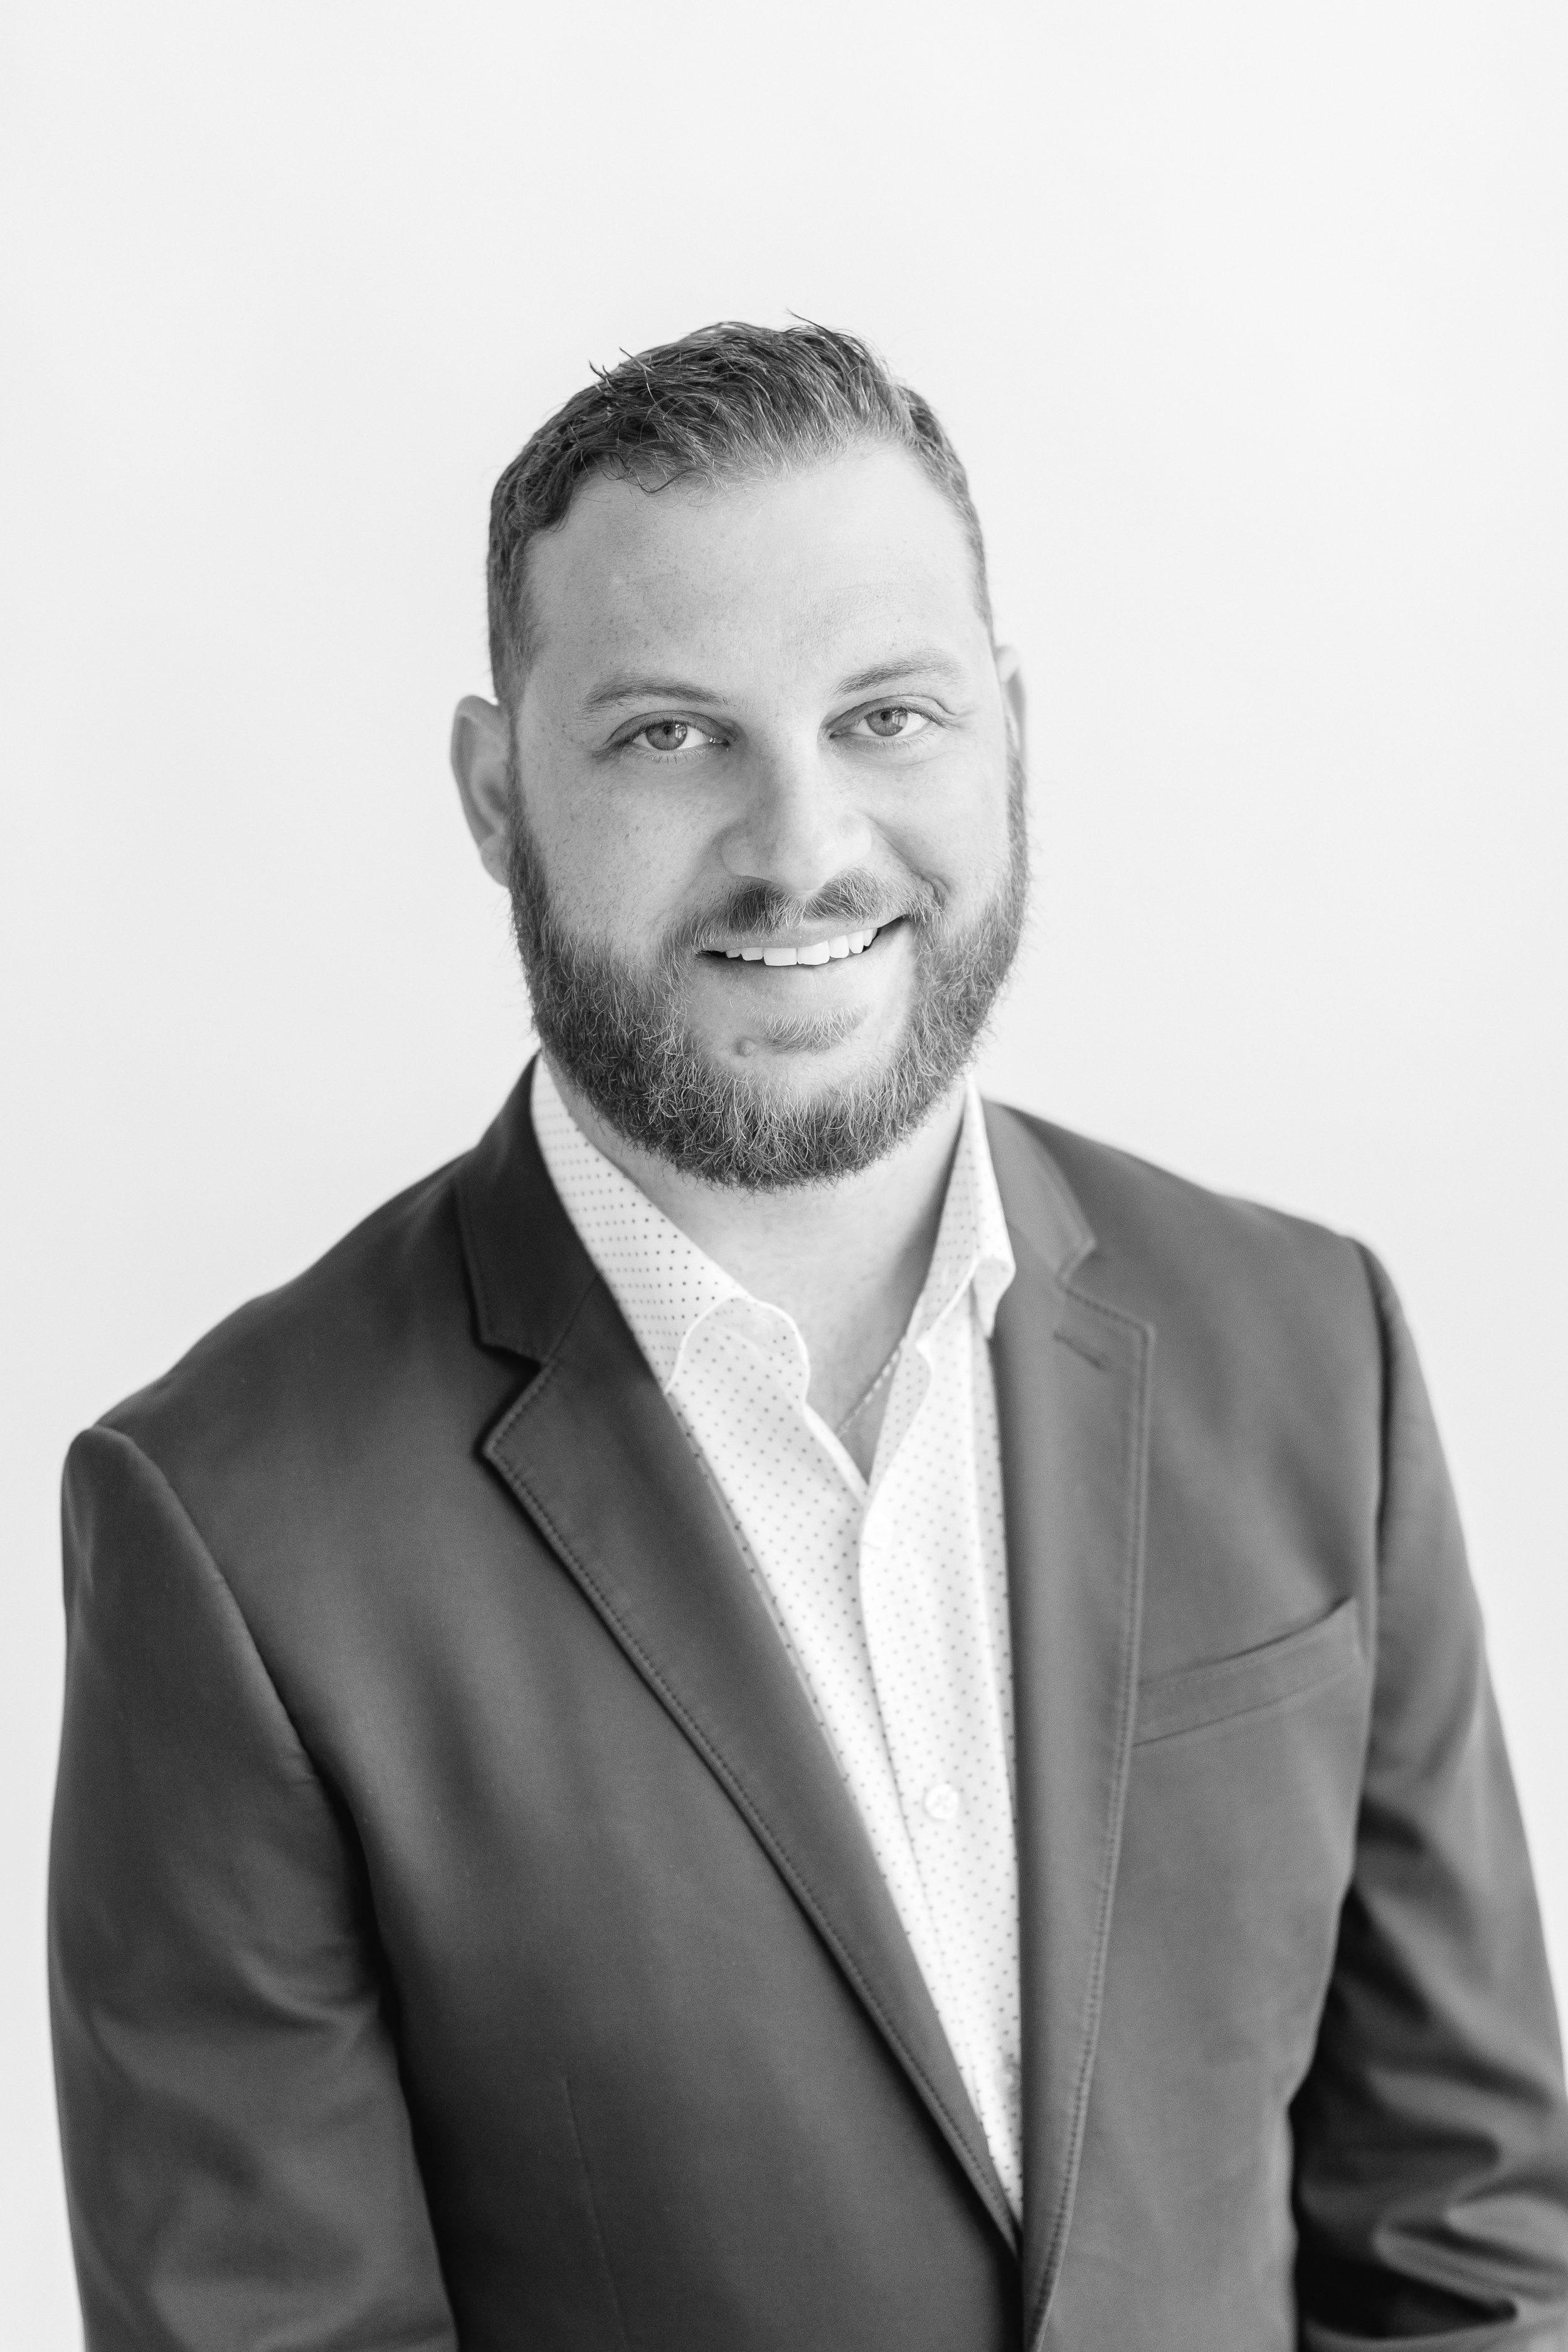 MARCOS WAISMANN | Pre-Development & Construction Manager